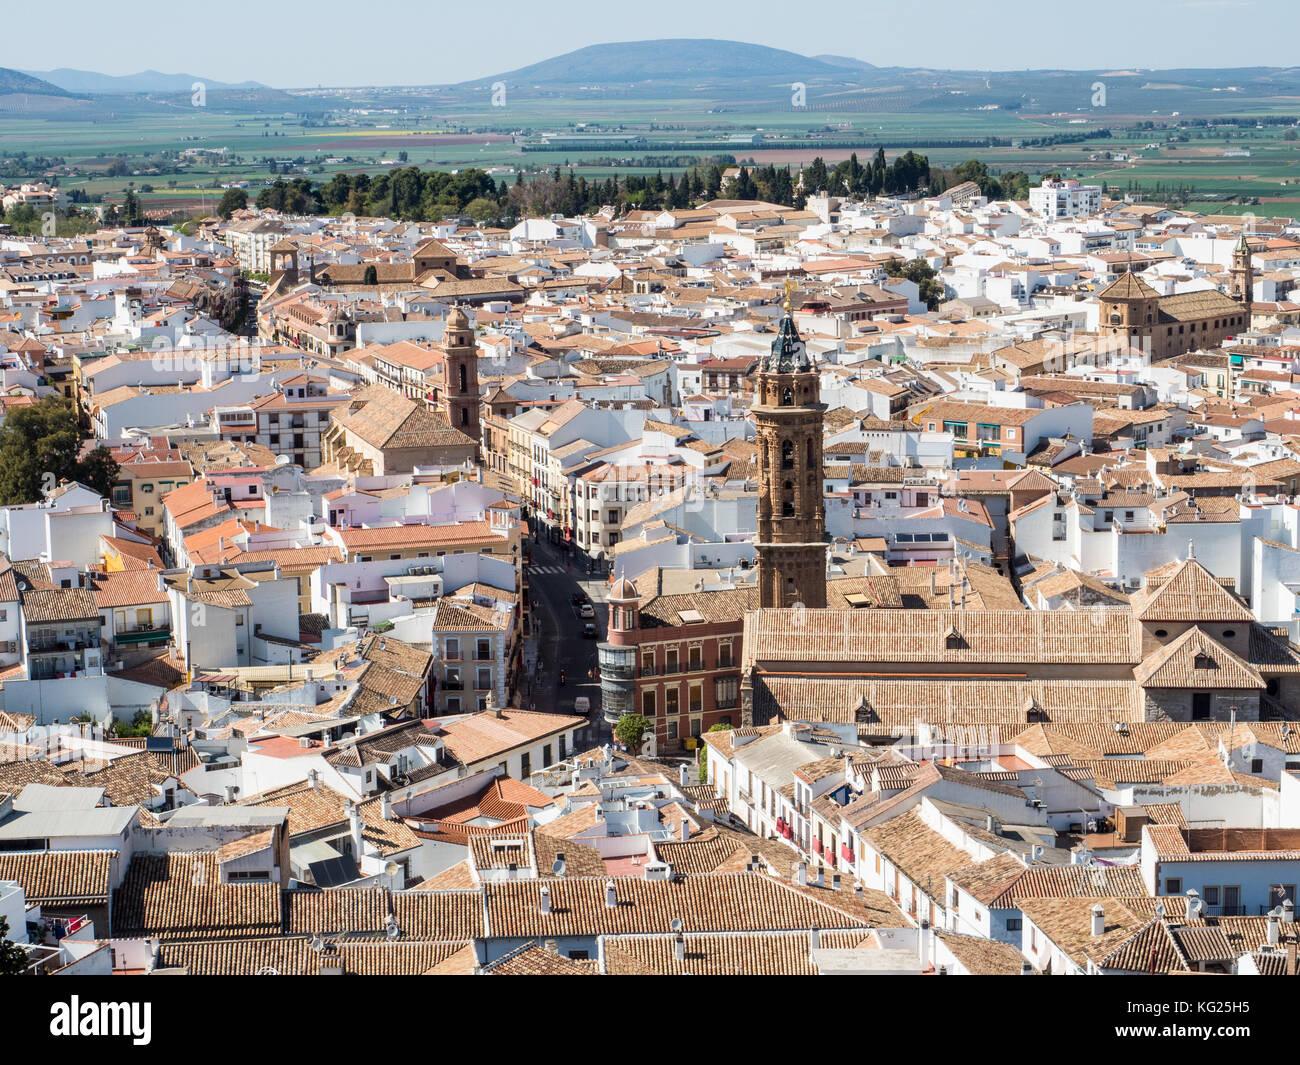 Vue depuis la forteresse perchée, Antequera, Andalousie, Espagne, Europe Photo Stock